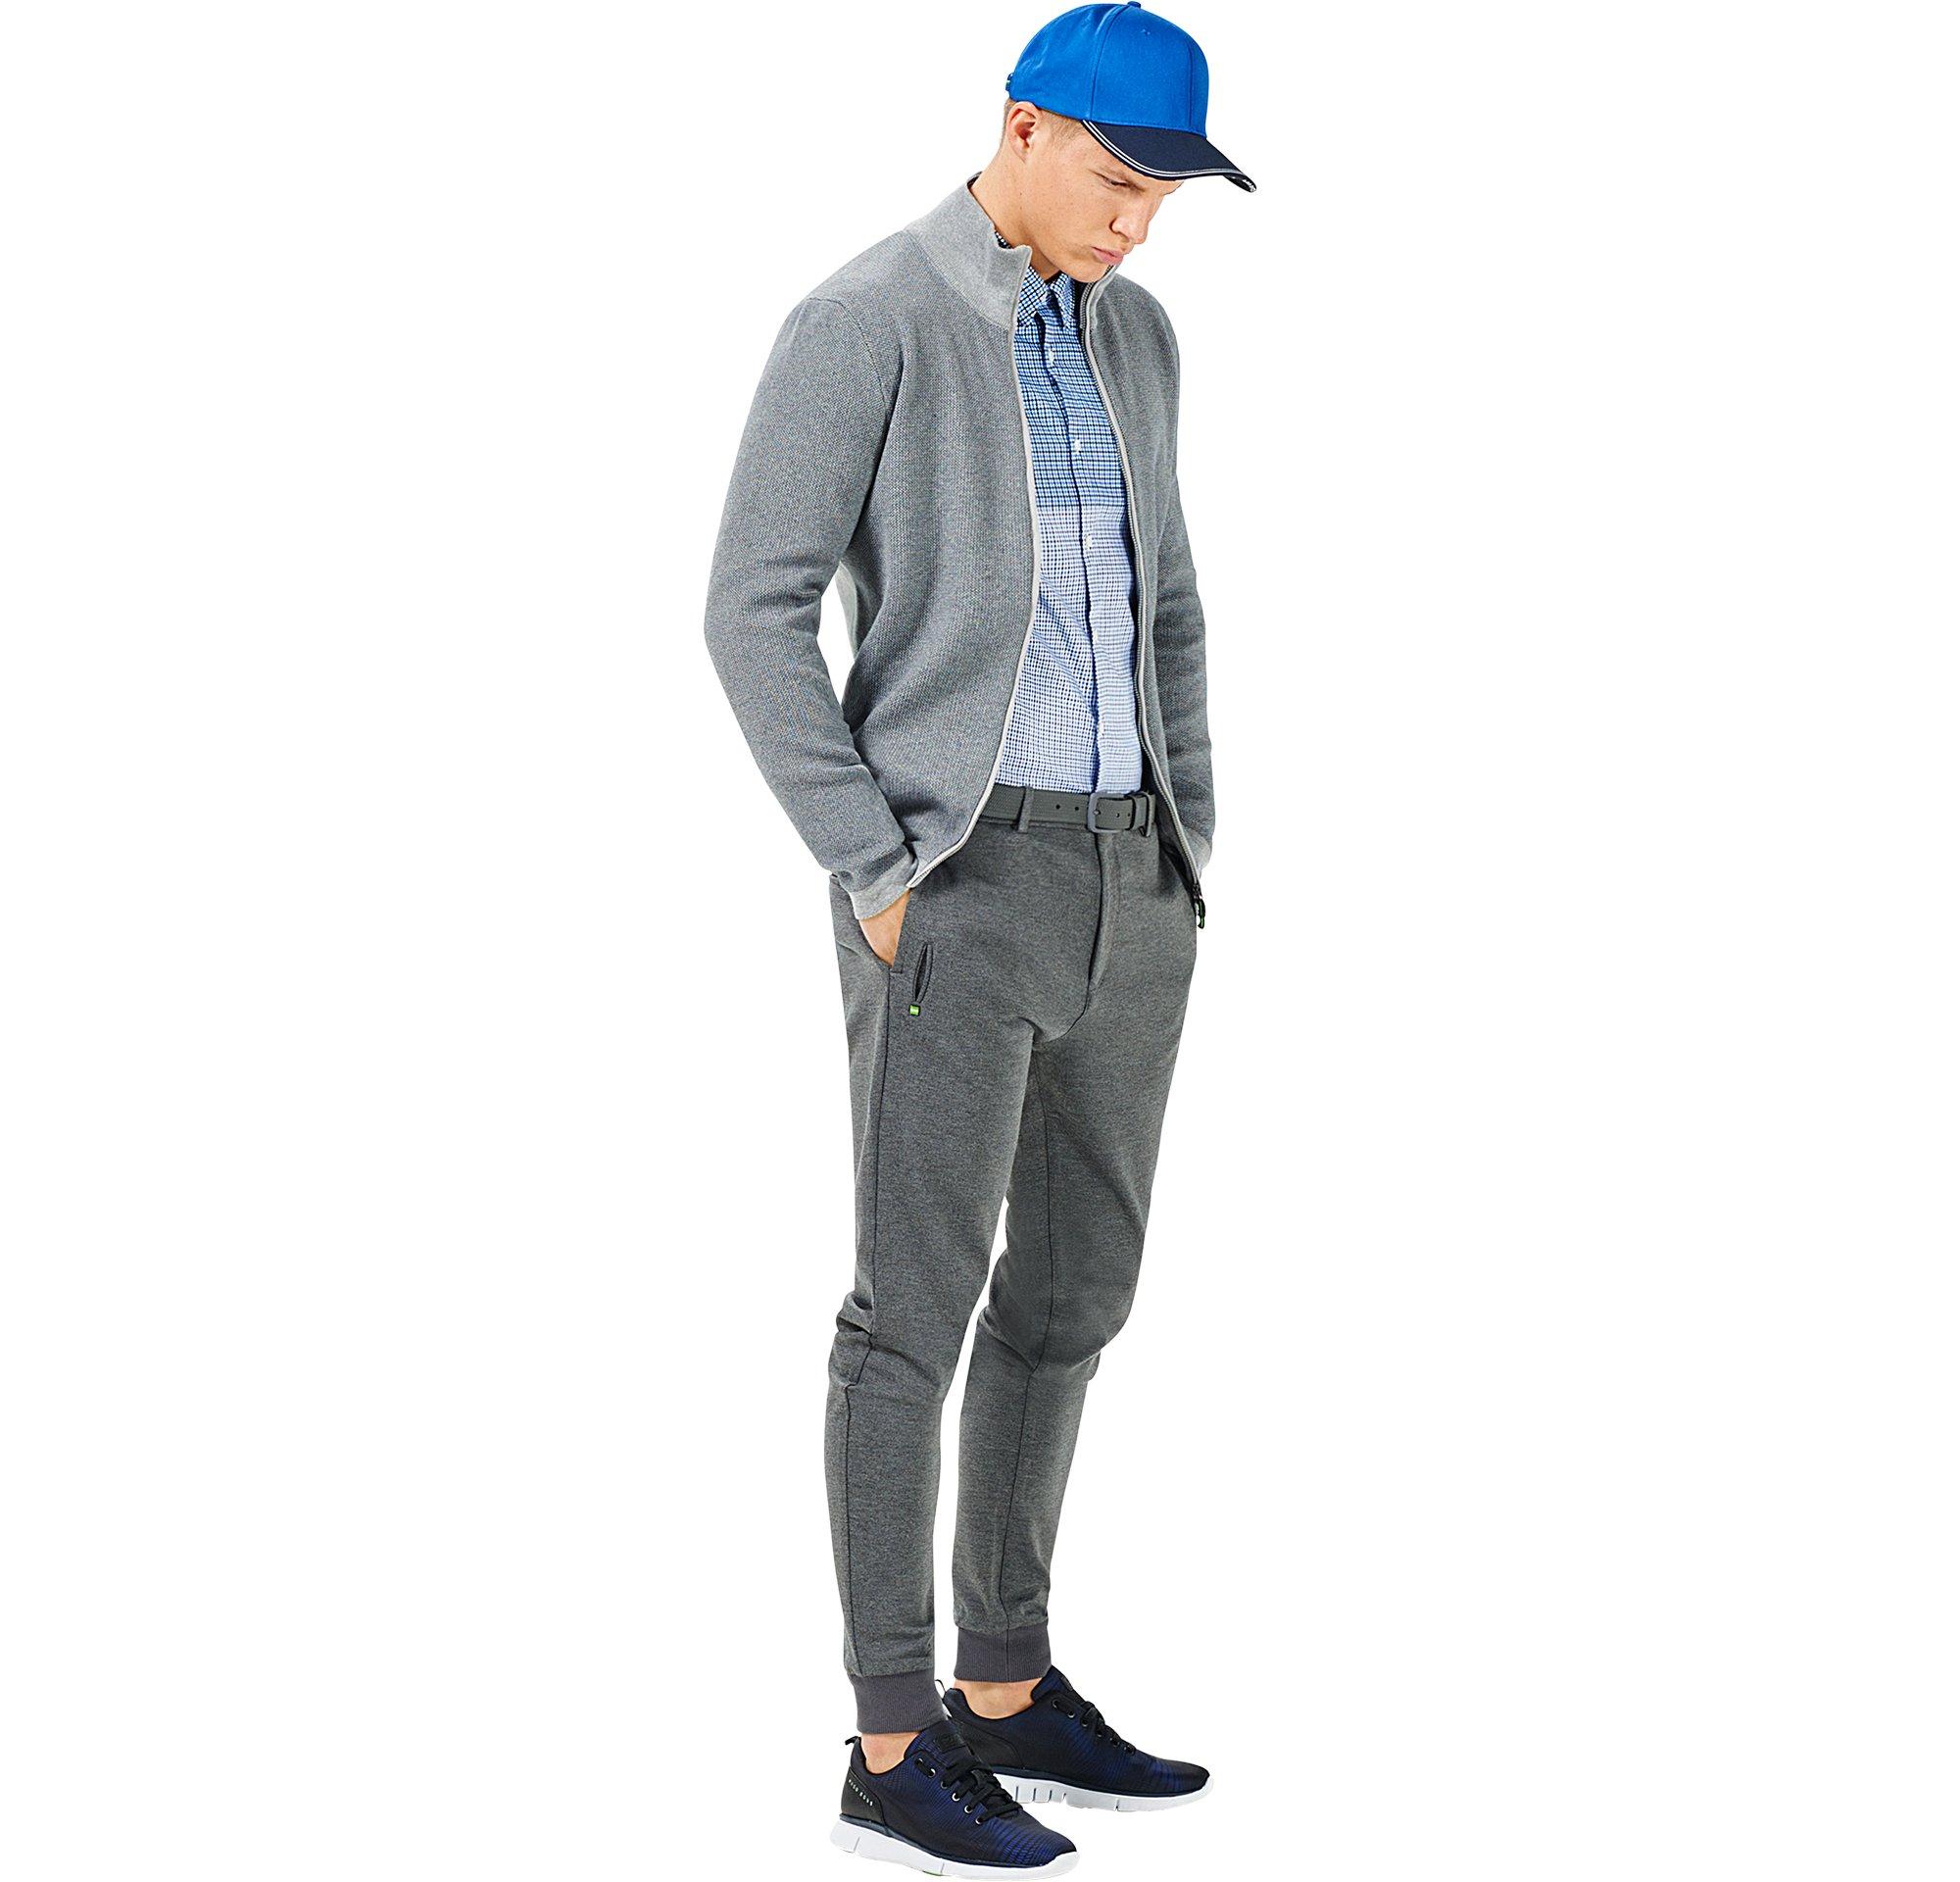 Strick, Hemd, Jersey, Hose und Schuhe von BOSS Green Menswear